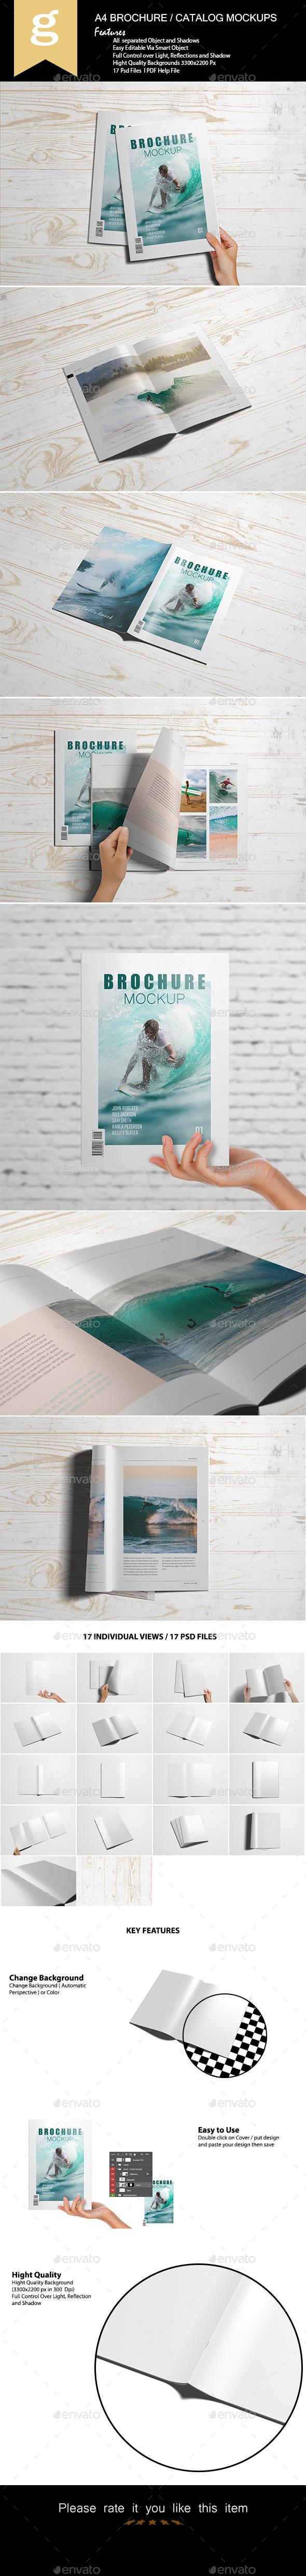 A4 Brochure / Catalog Mock-Up - Brochures Print